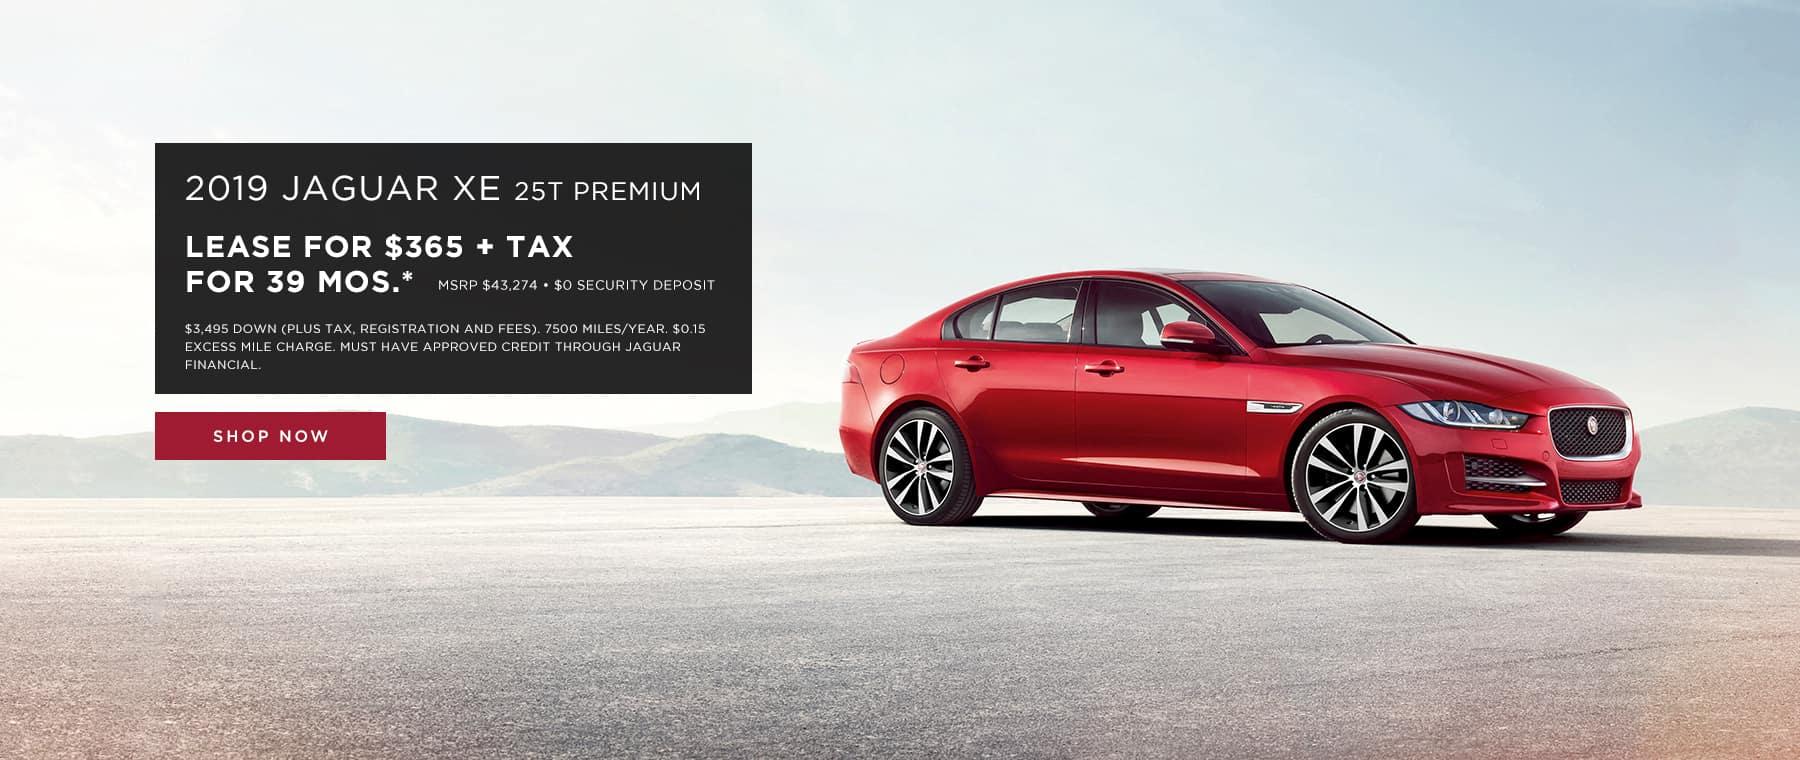 Jaguar XE Lease Offer